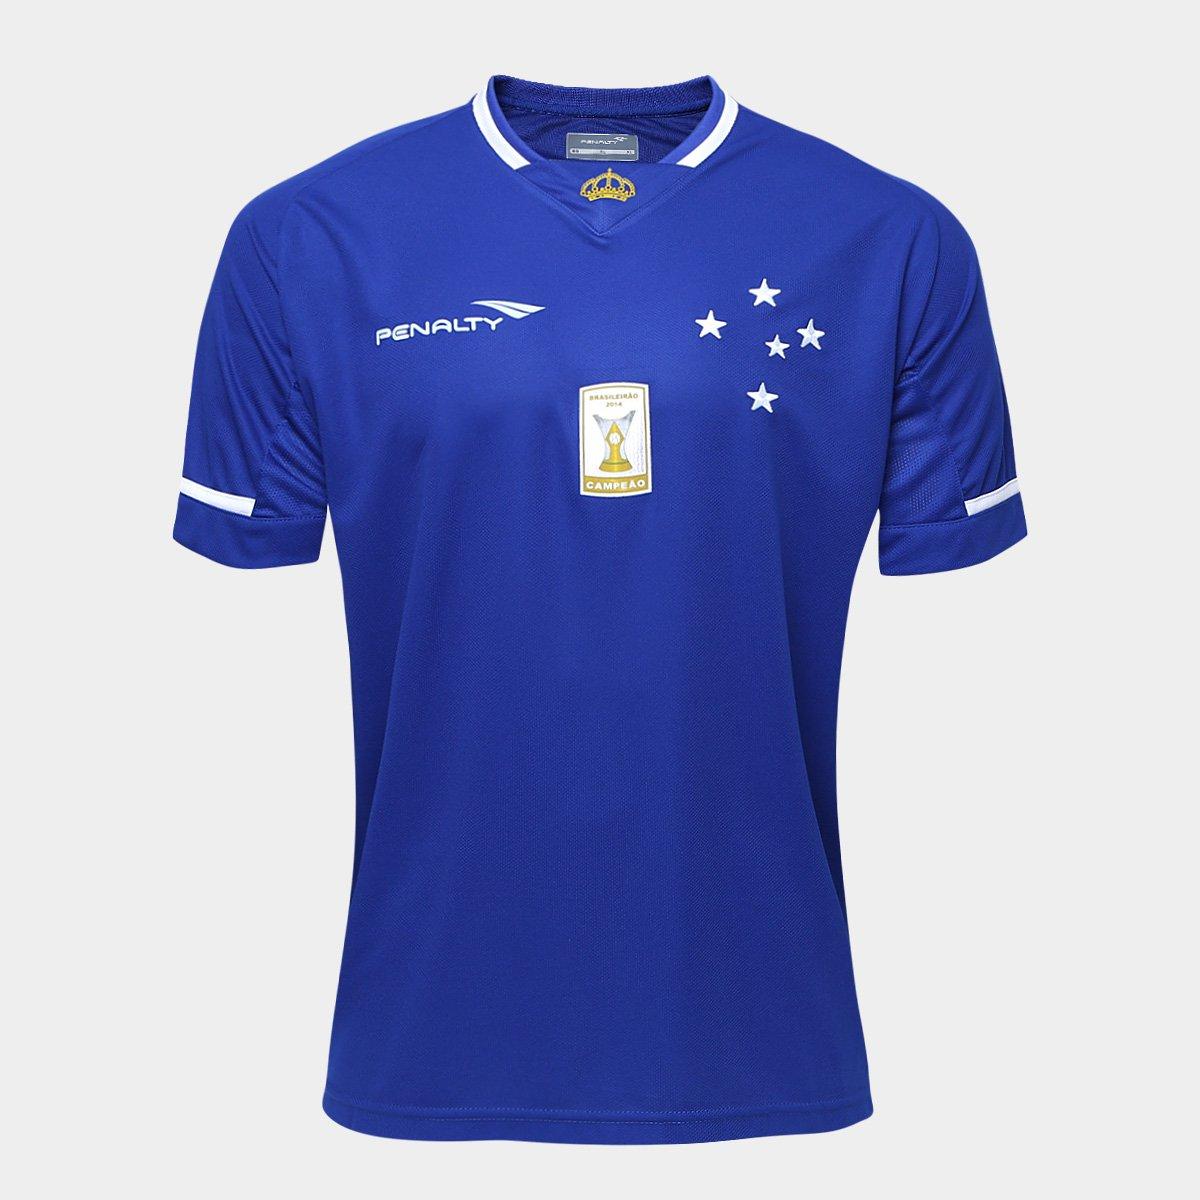 Camisa Penalty Cruzeiro I 15 16 s n° - Compre Agora  f7c53420bec92